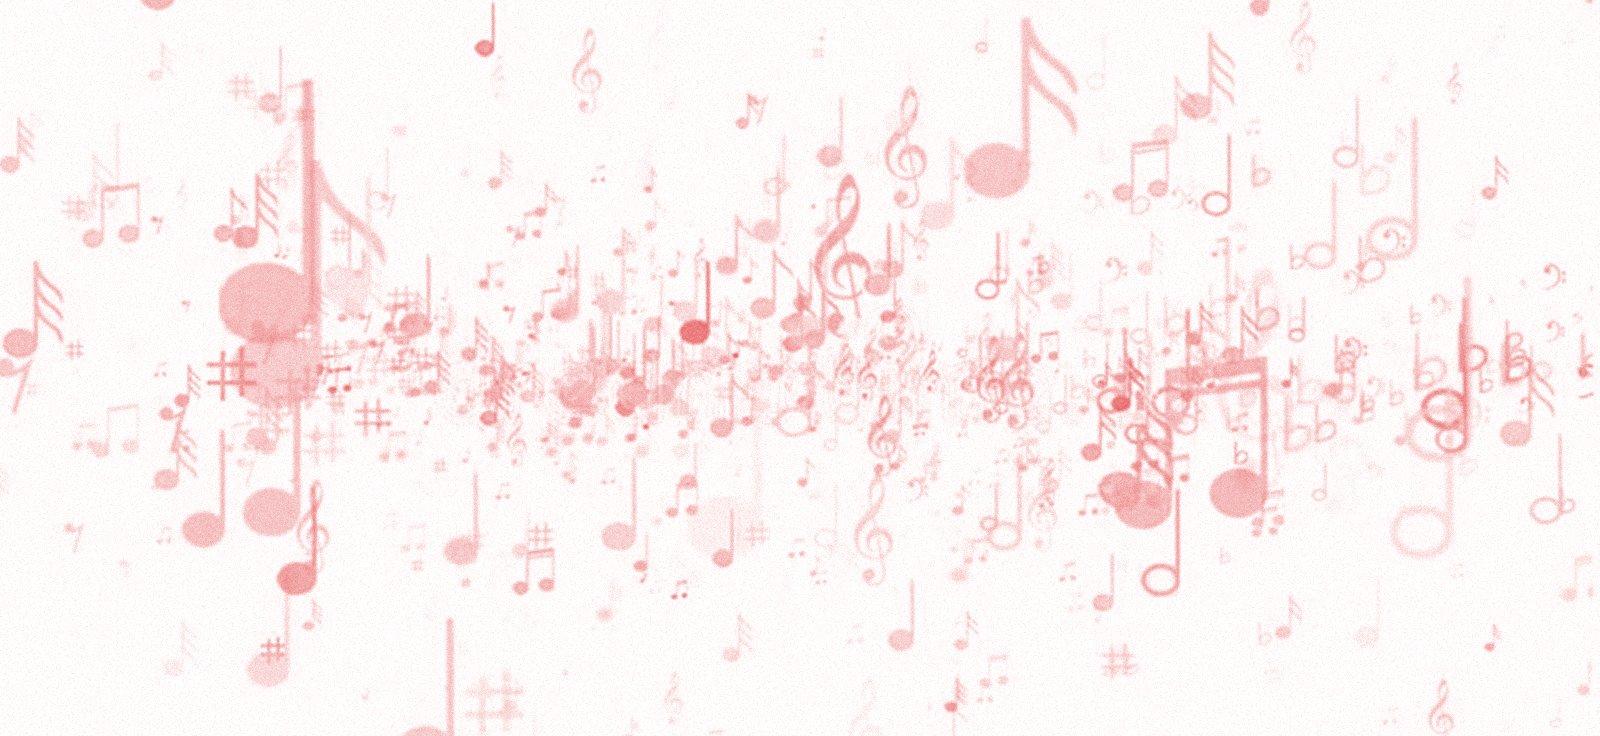 Percusión Corporal para la clase de música: Una actividad que mola